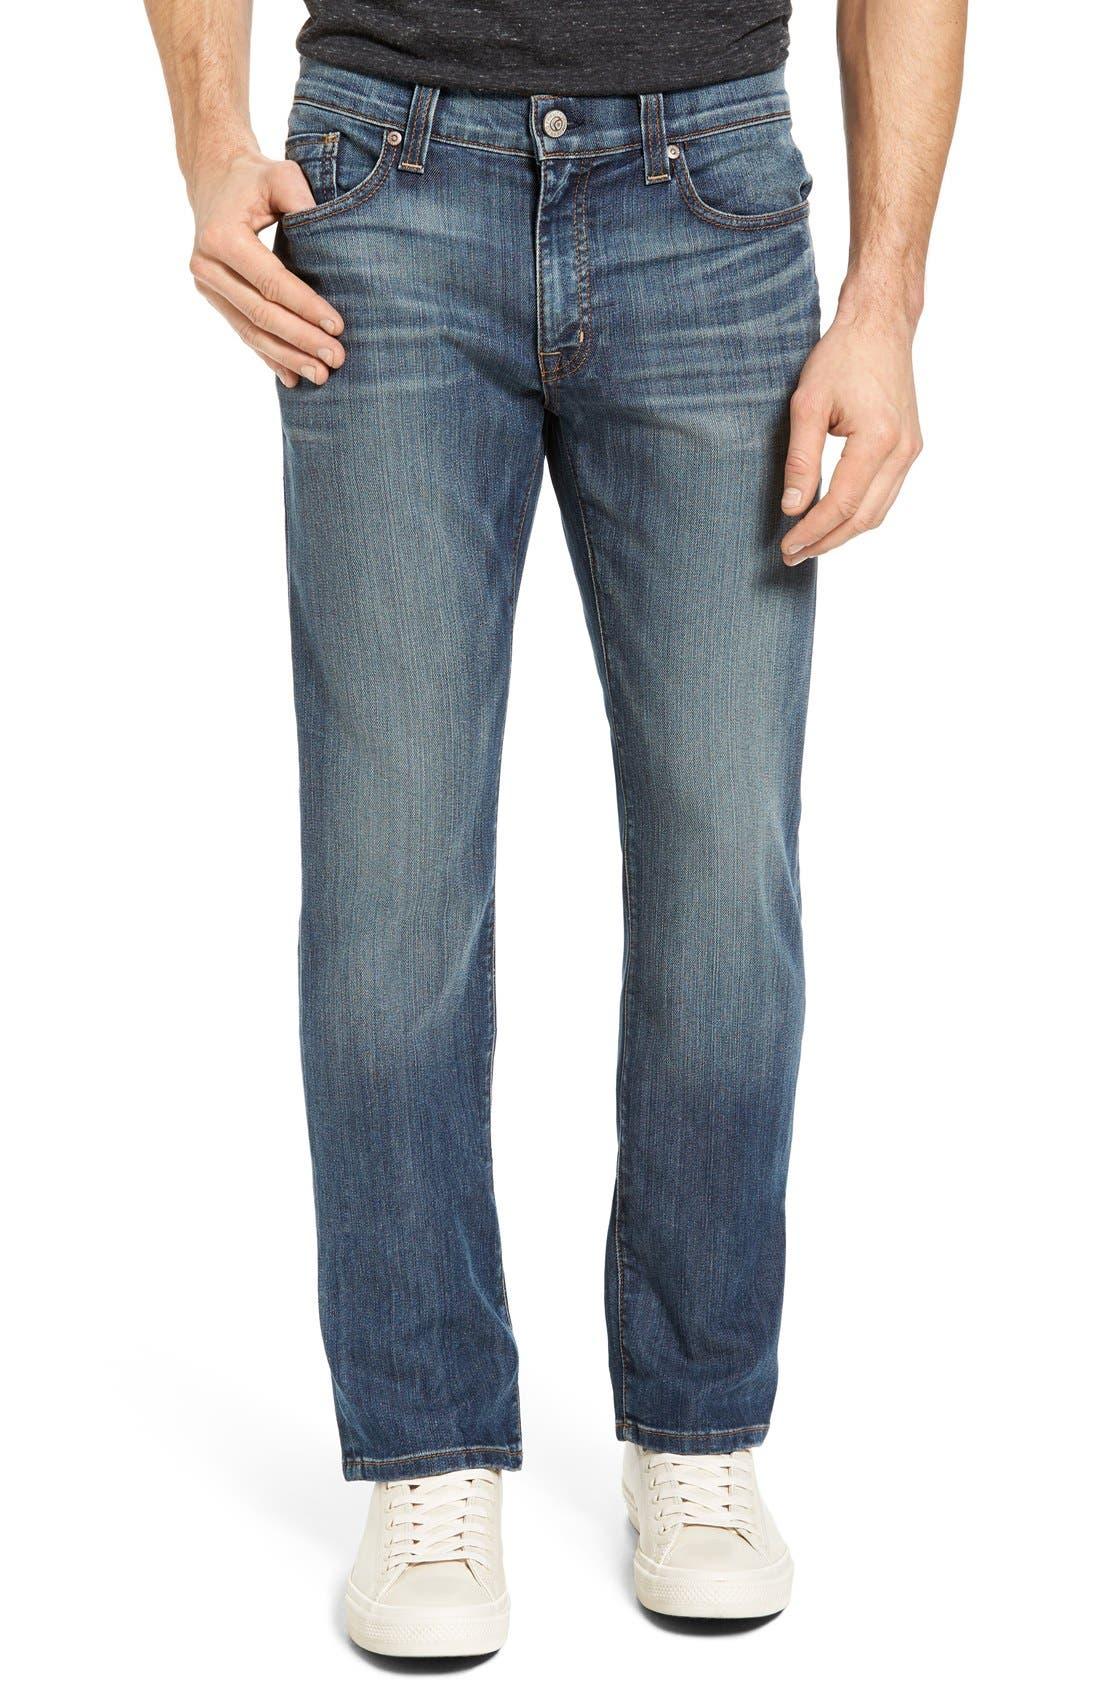 Fidelity Denim 50-11 Straight Leg Jeans (Morrison)